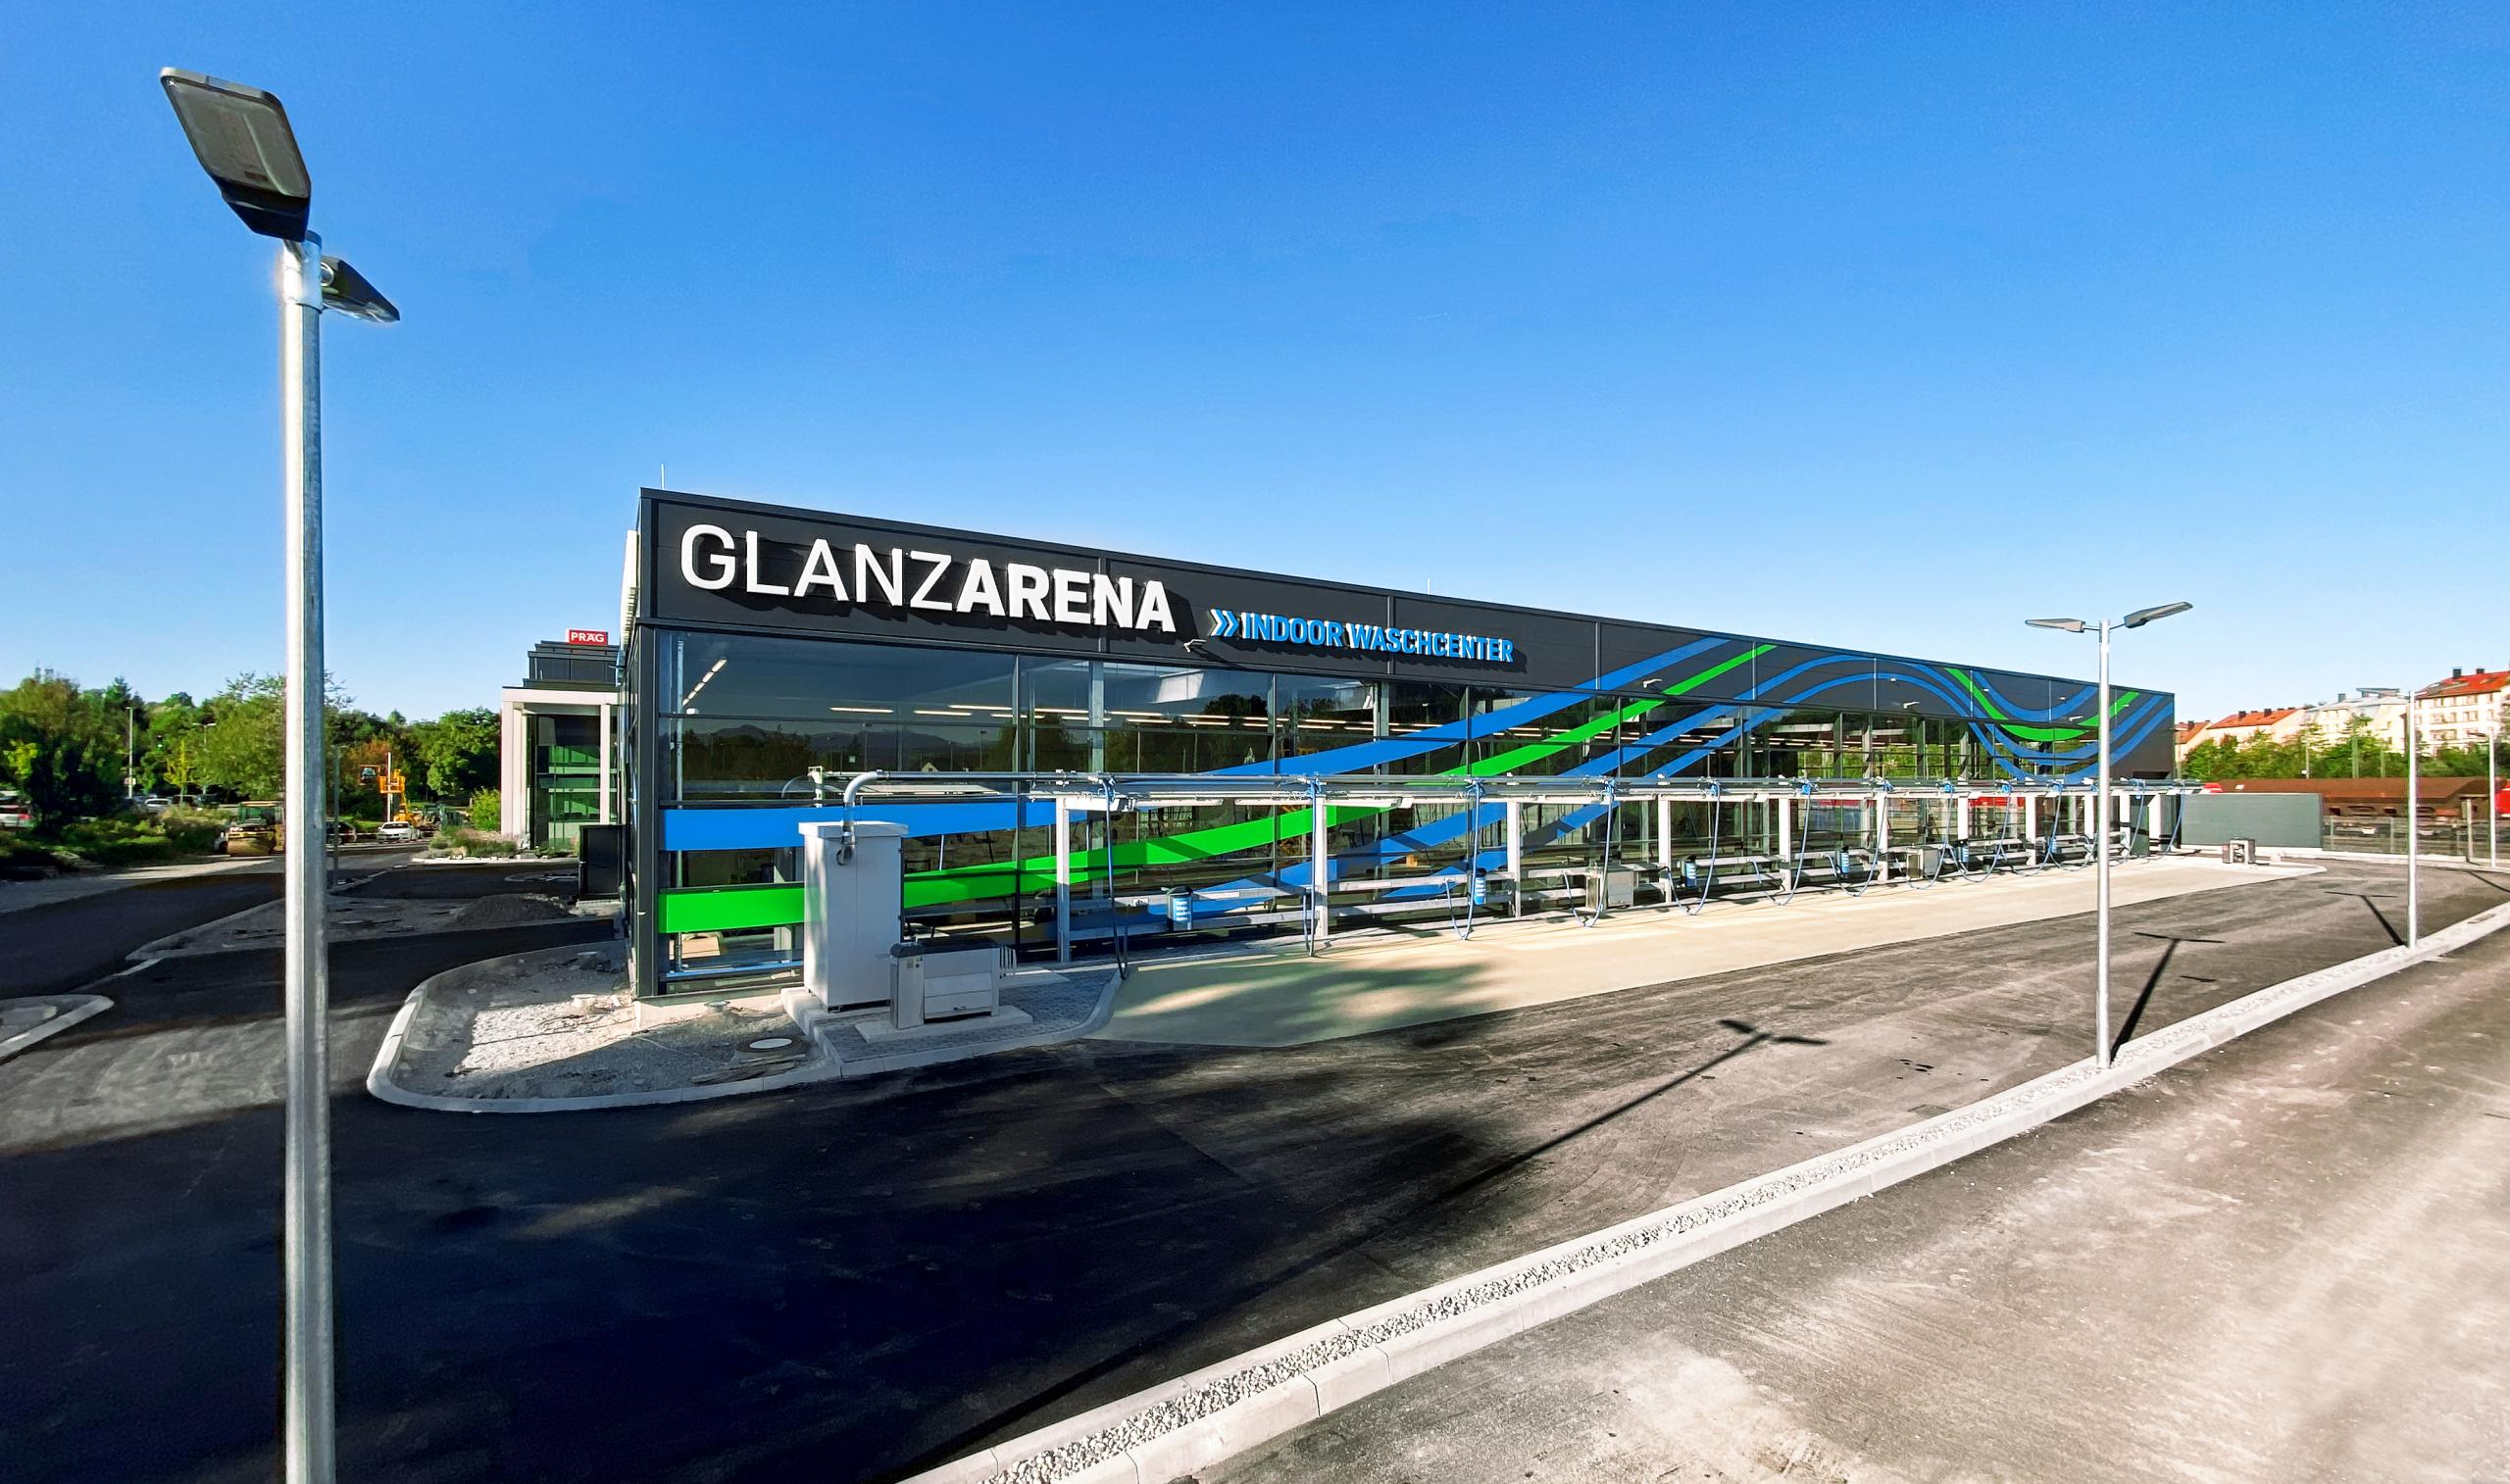 Glanzarena